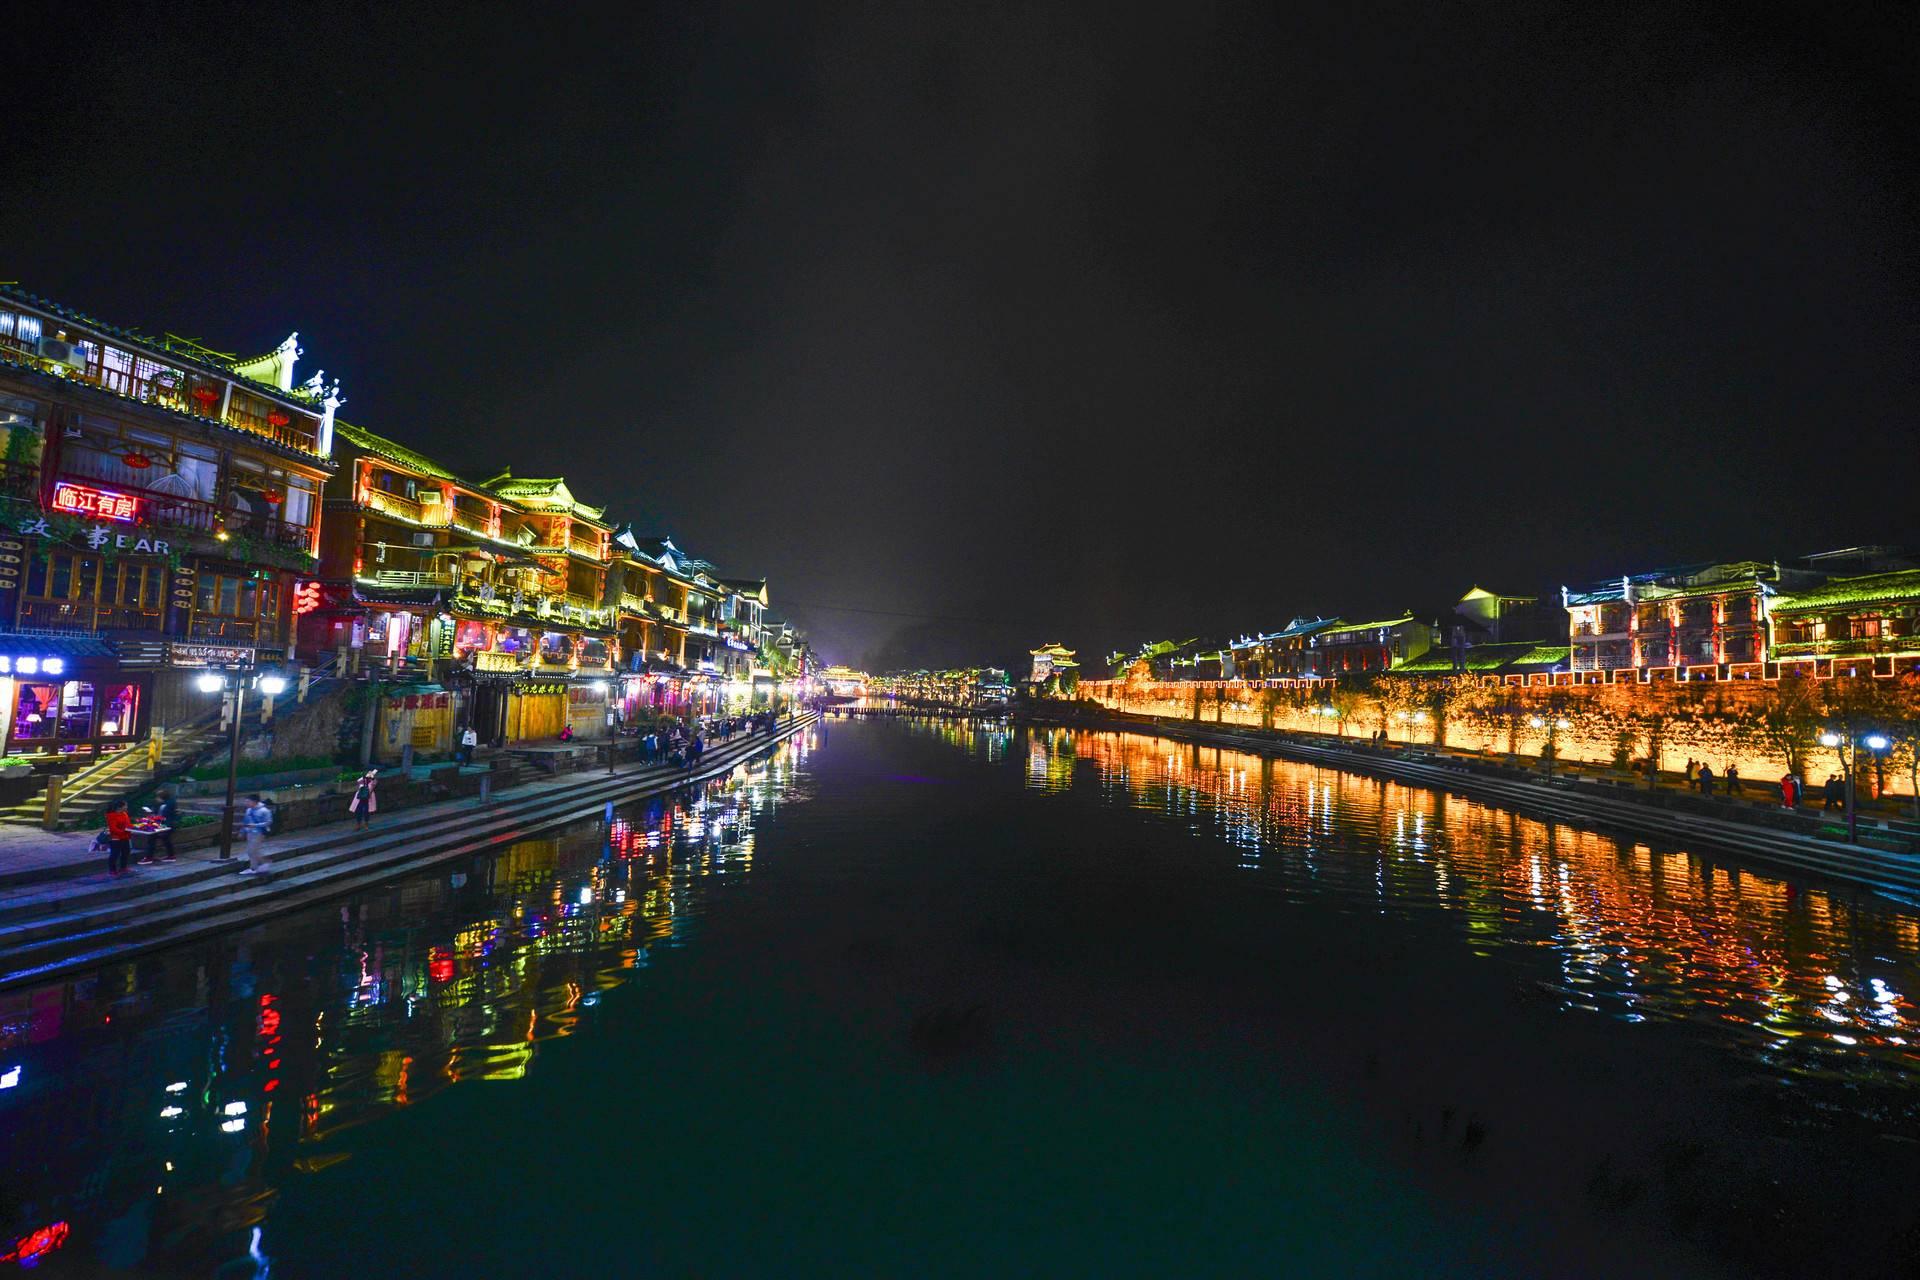 【探秘阿凡达】湖南·张家界+森林公园+大峡谷+玻璃桥+凤凰·4天3晚